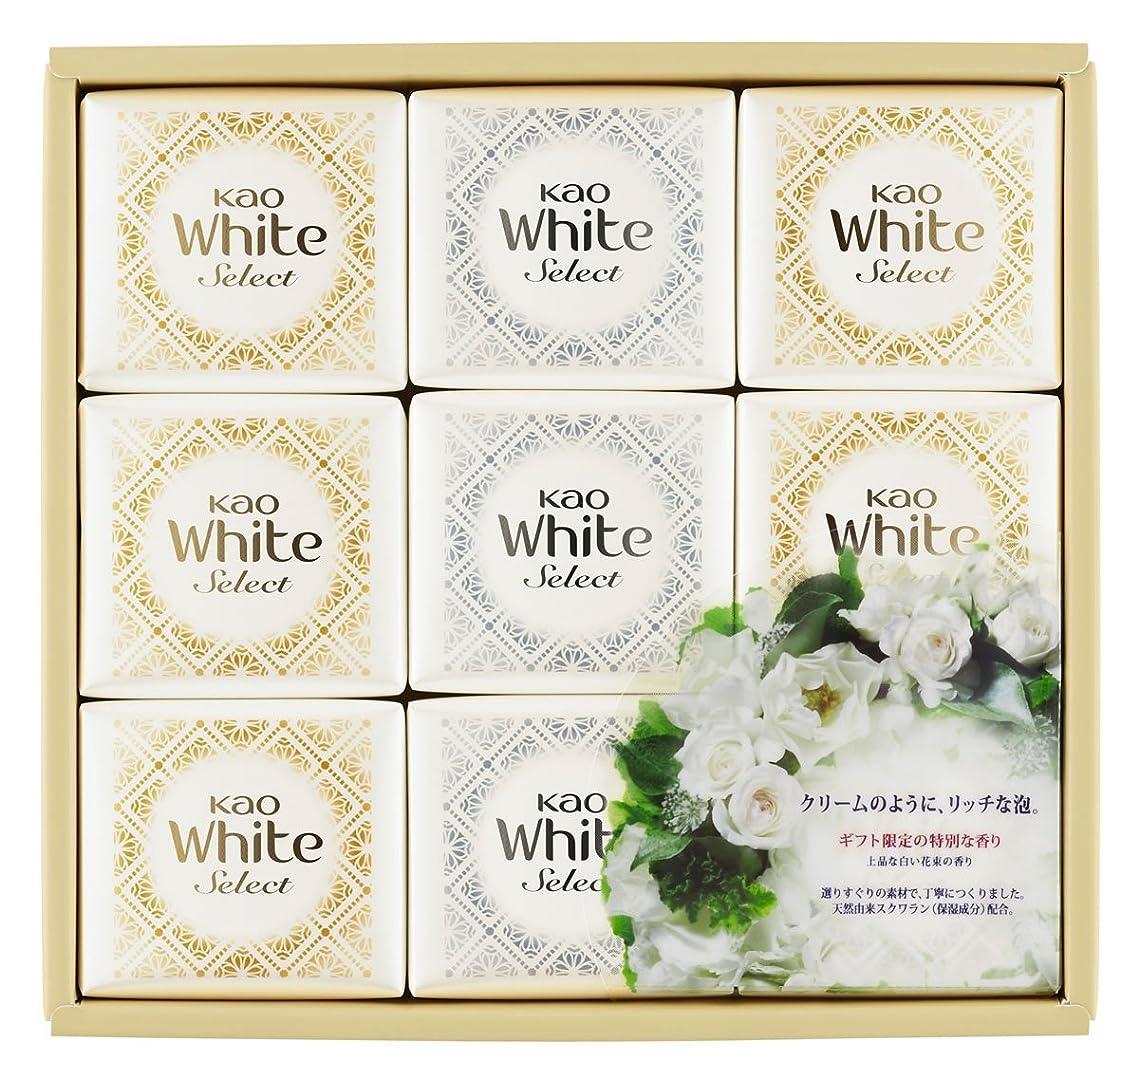 セッティングホーン石膏花王ホワイト セレクト 上品な白い花束の香り 85g 9コ K?WS-15